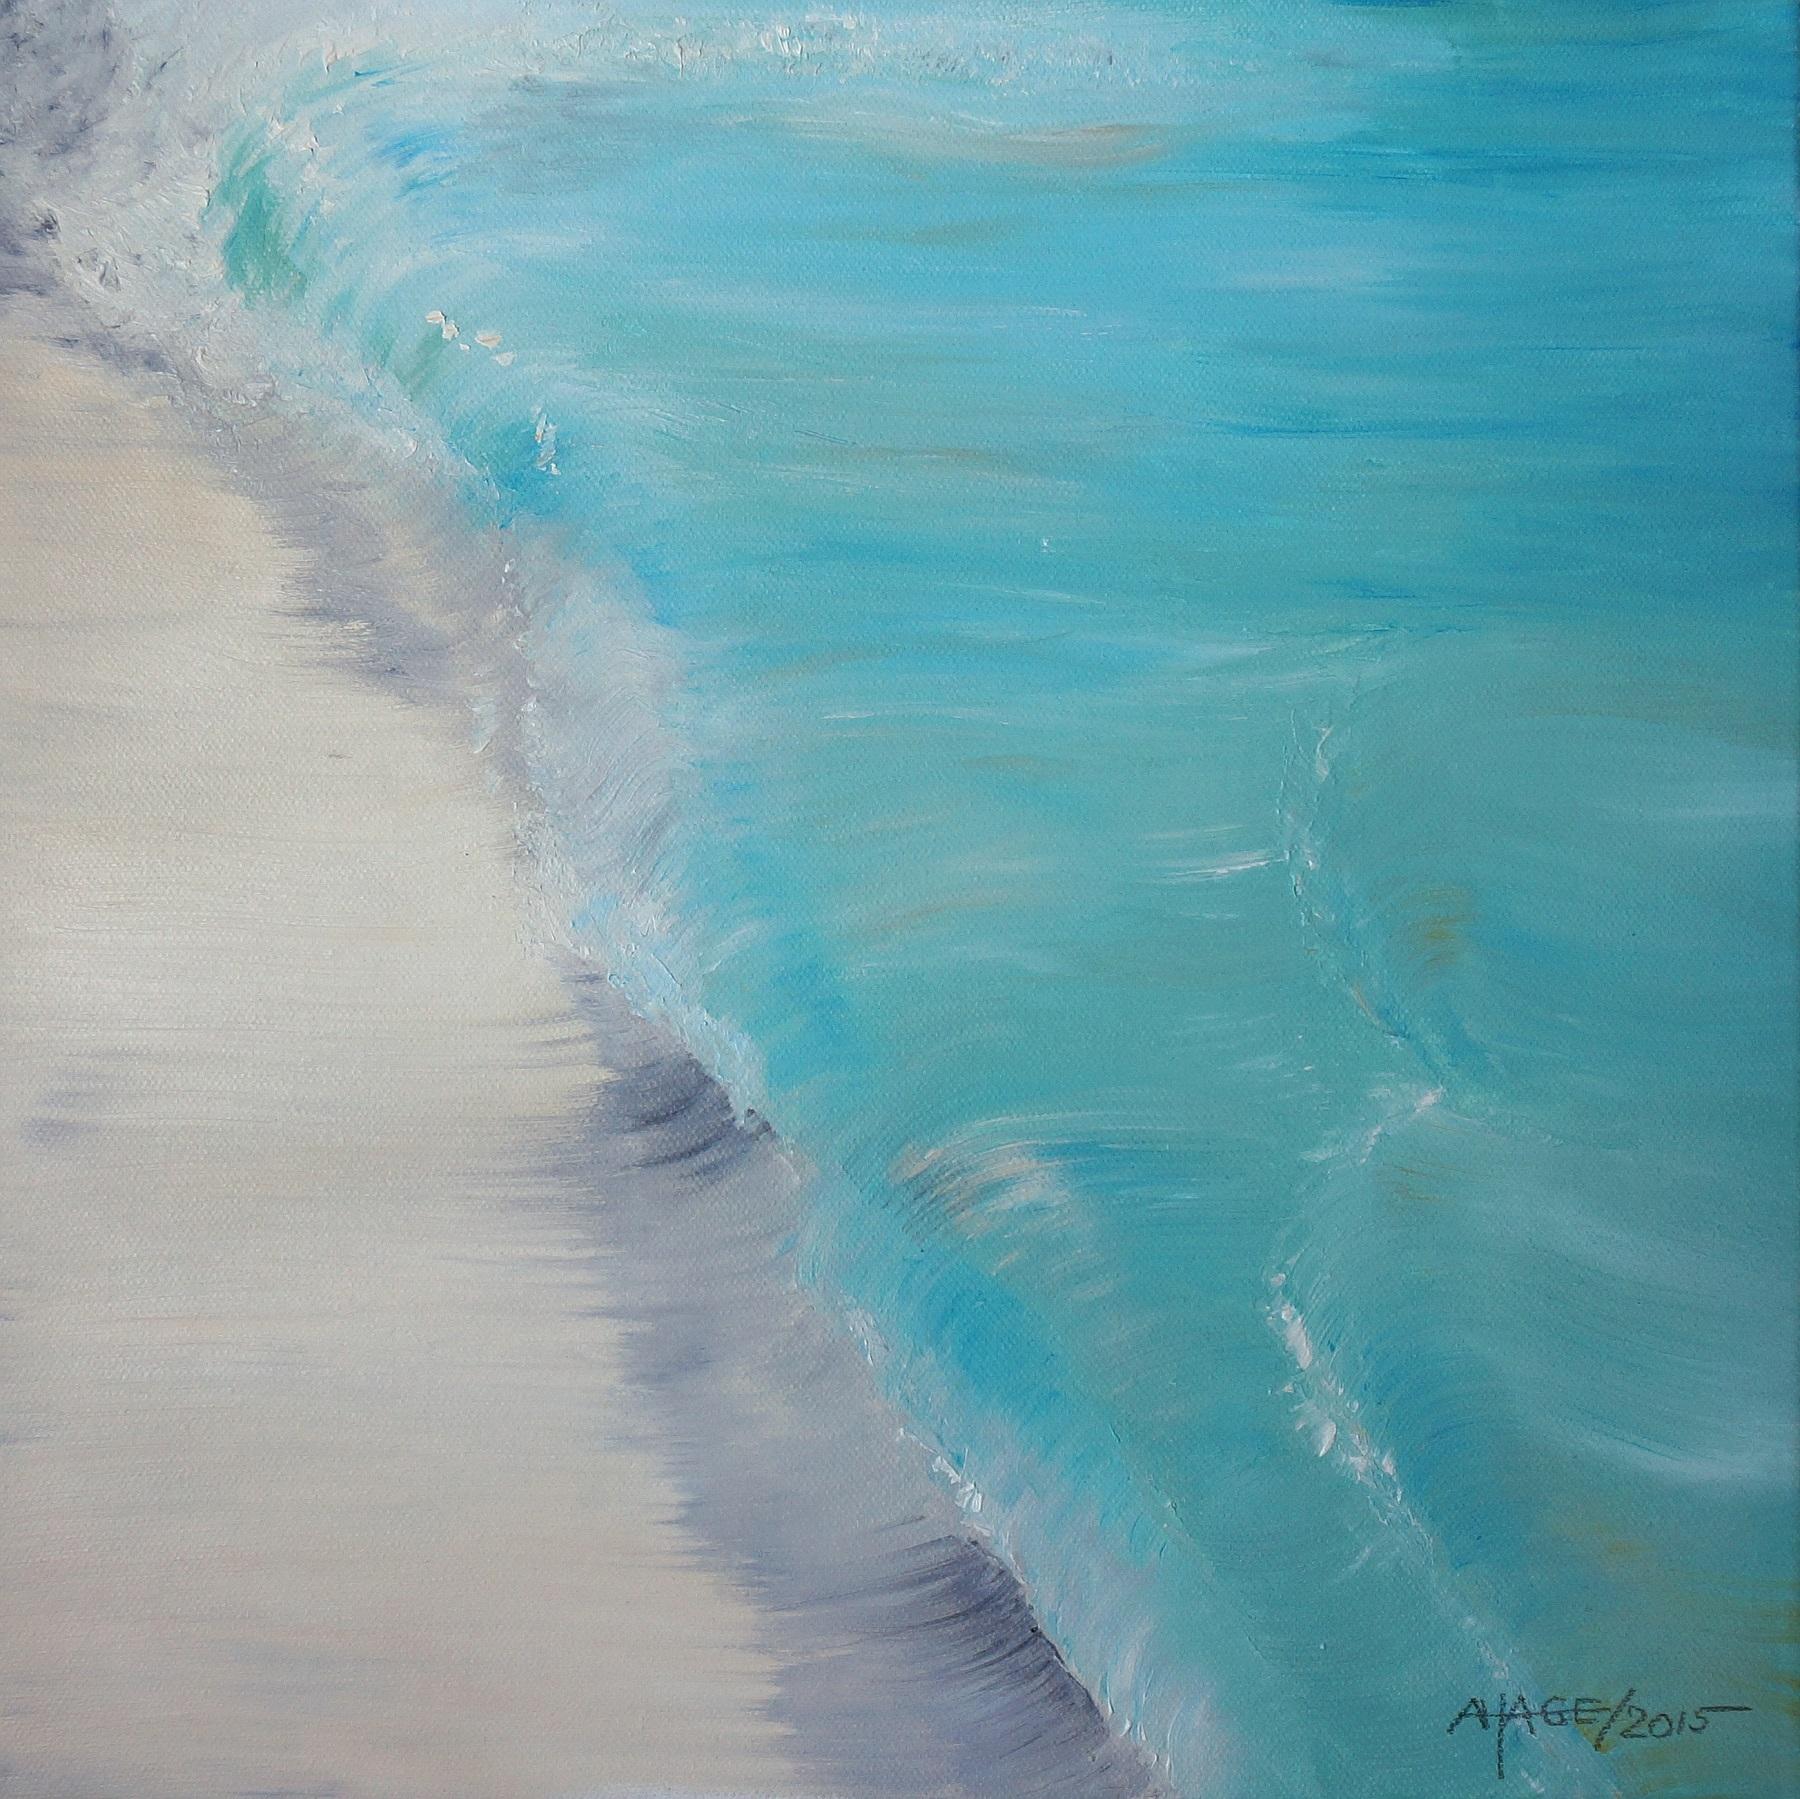 Beach | Öl auf Leinwand | 40 x 40 cm